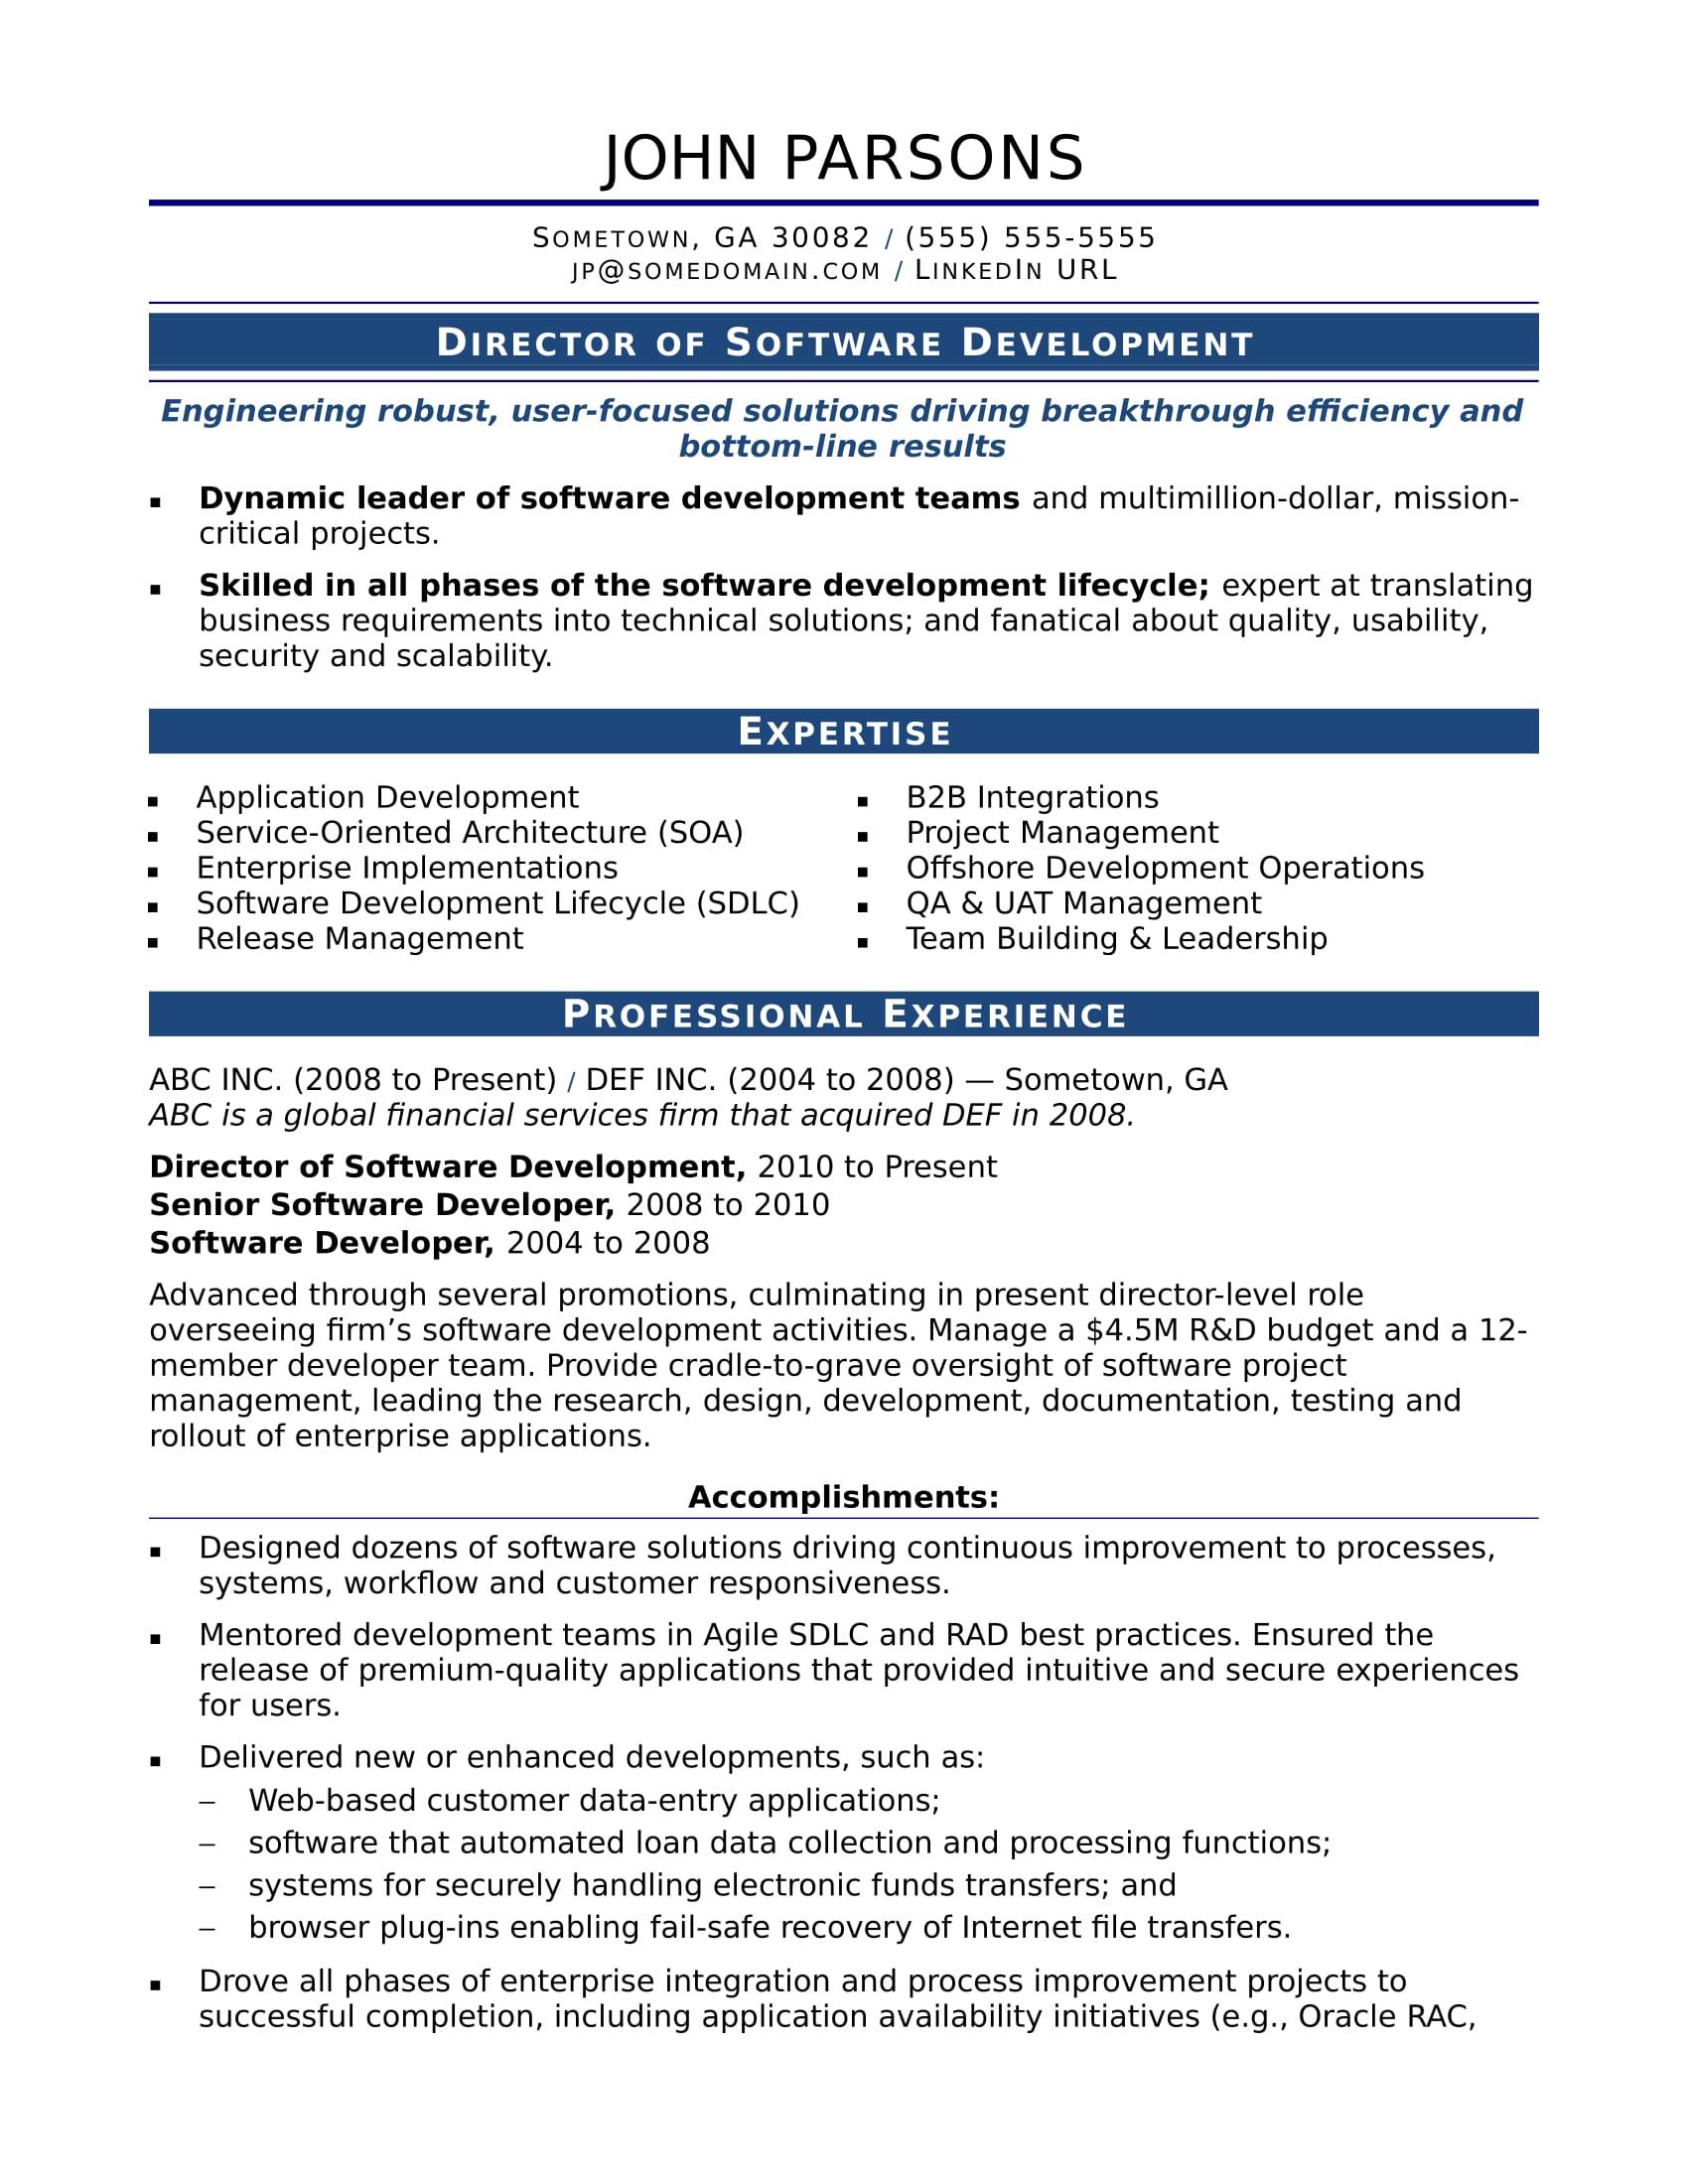 Sample Resume For An Experienced It Developer Monster Com